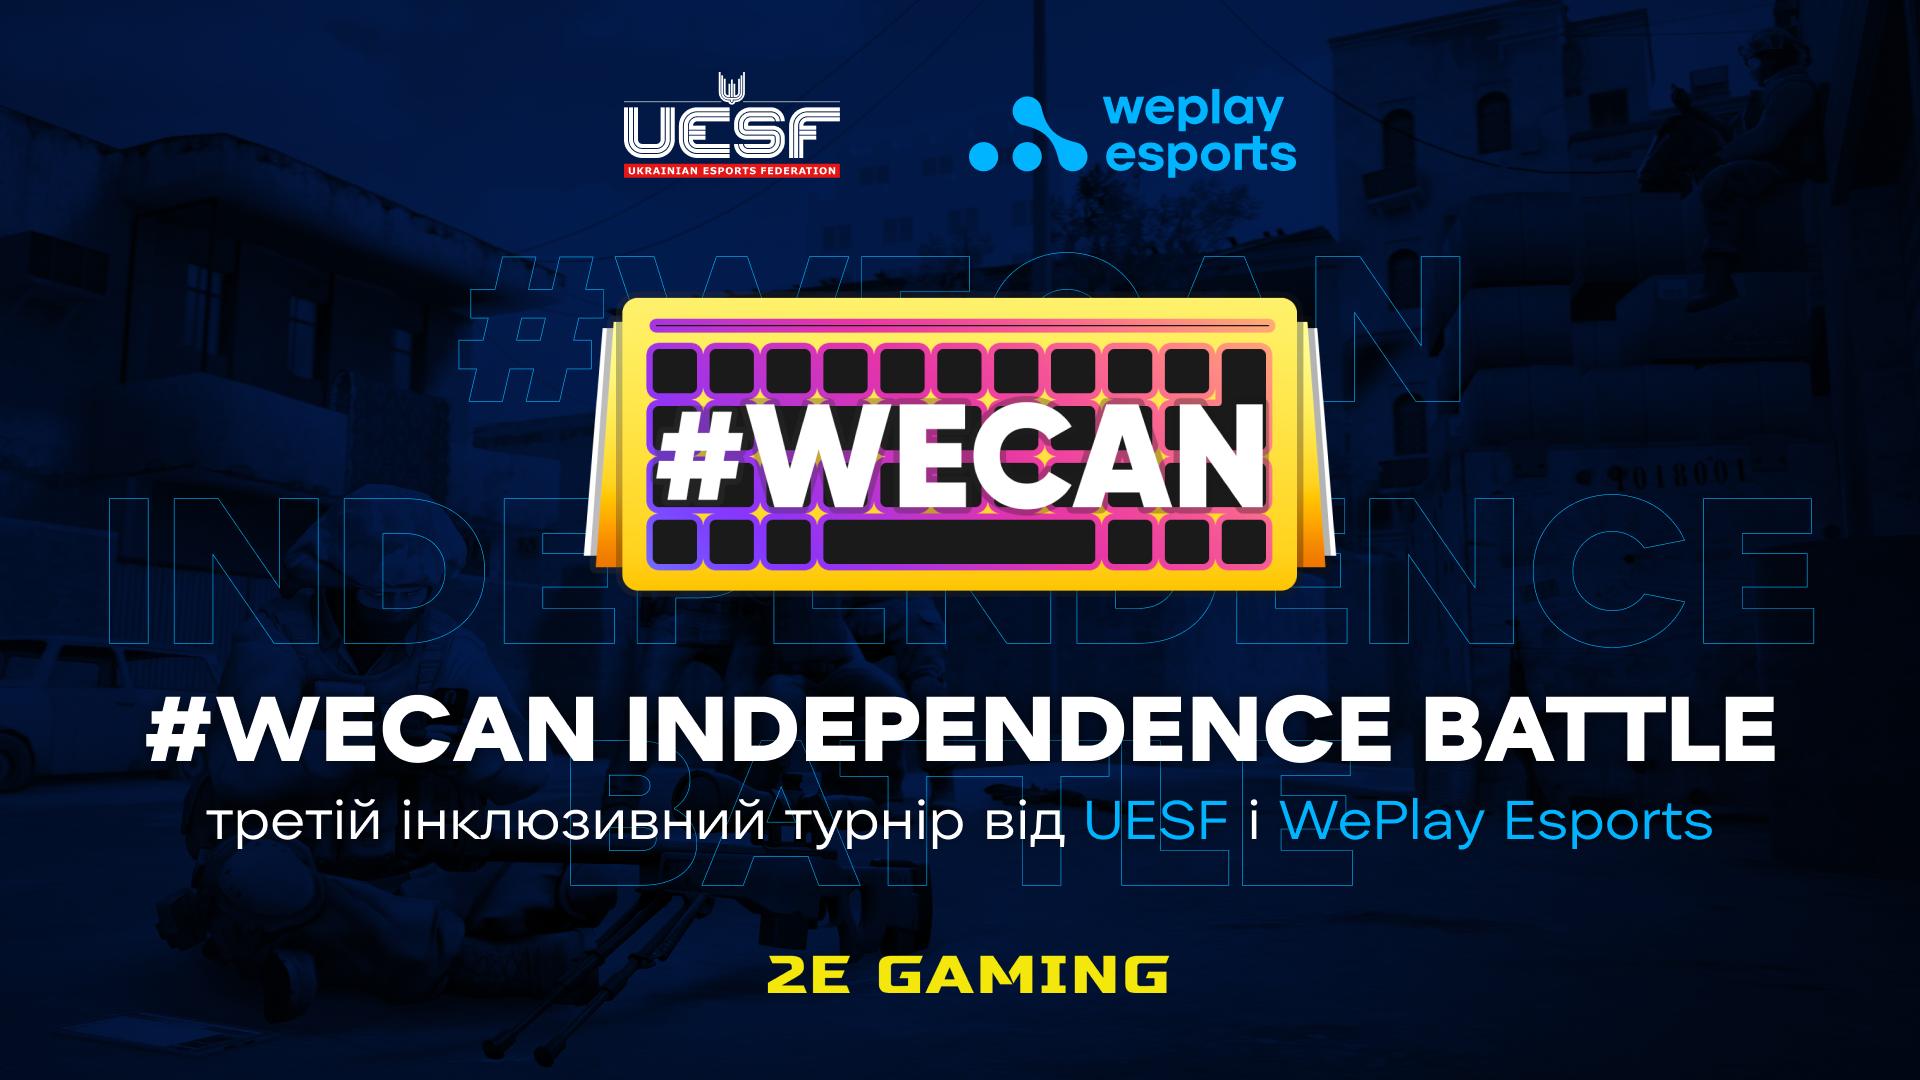 #WECAN Independence Battle – третій інклюзивний турнір від UESF і WePlay Esports. Зображення: WePlay Holding